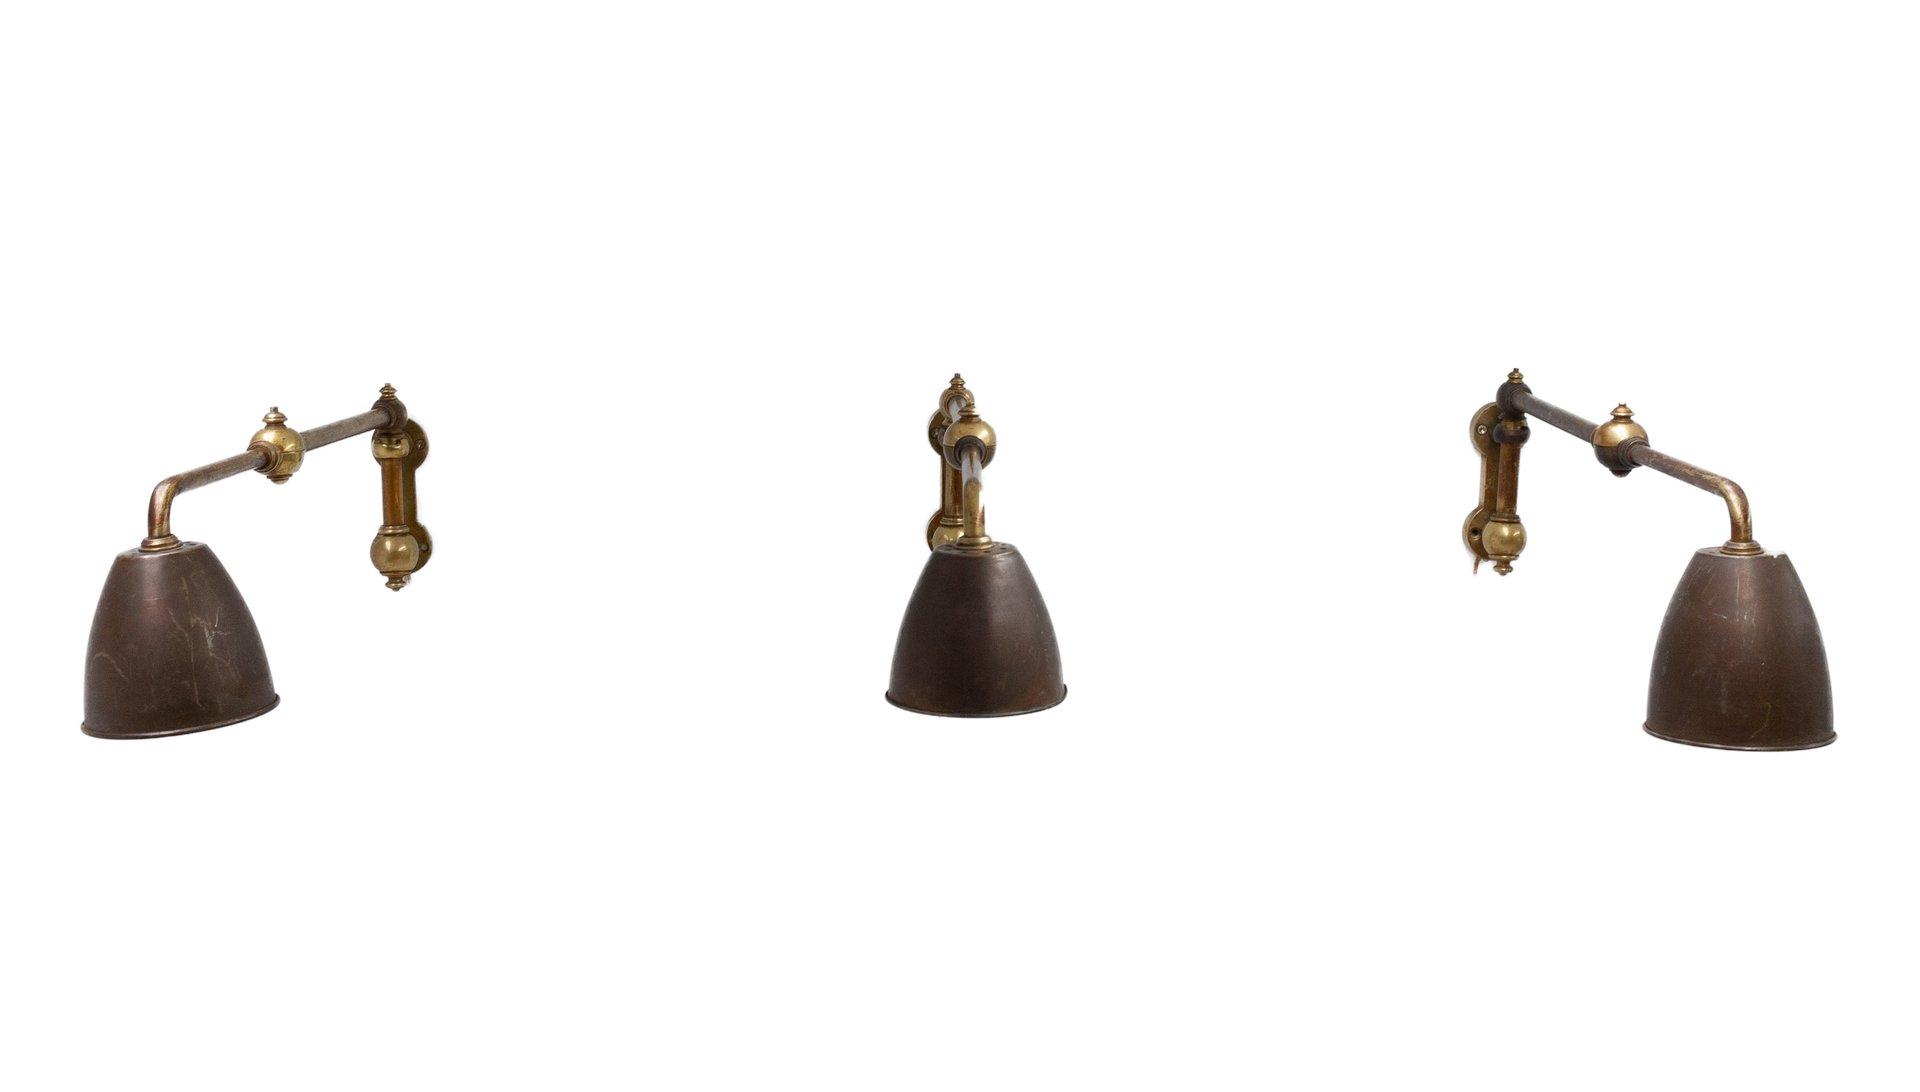 Industrielle Wandlampen mit Schwenkarm, 1976, 3er Set